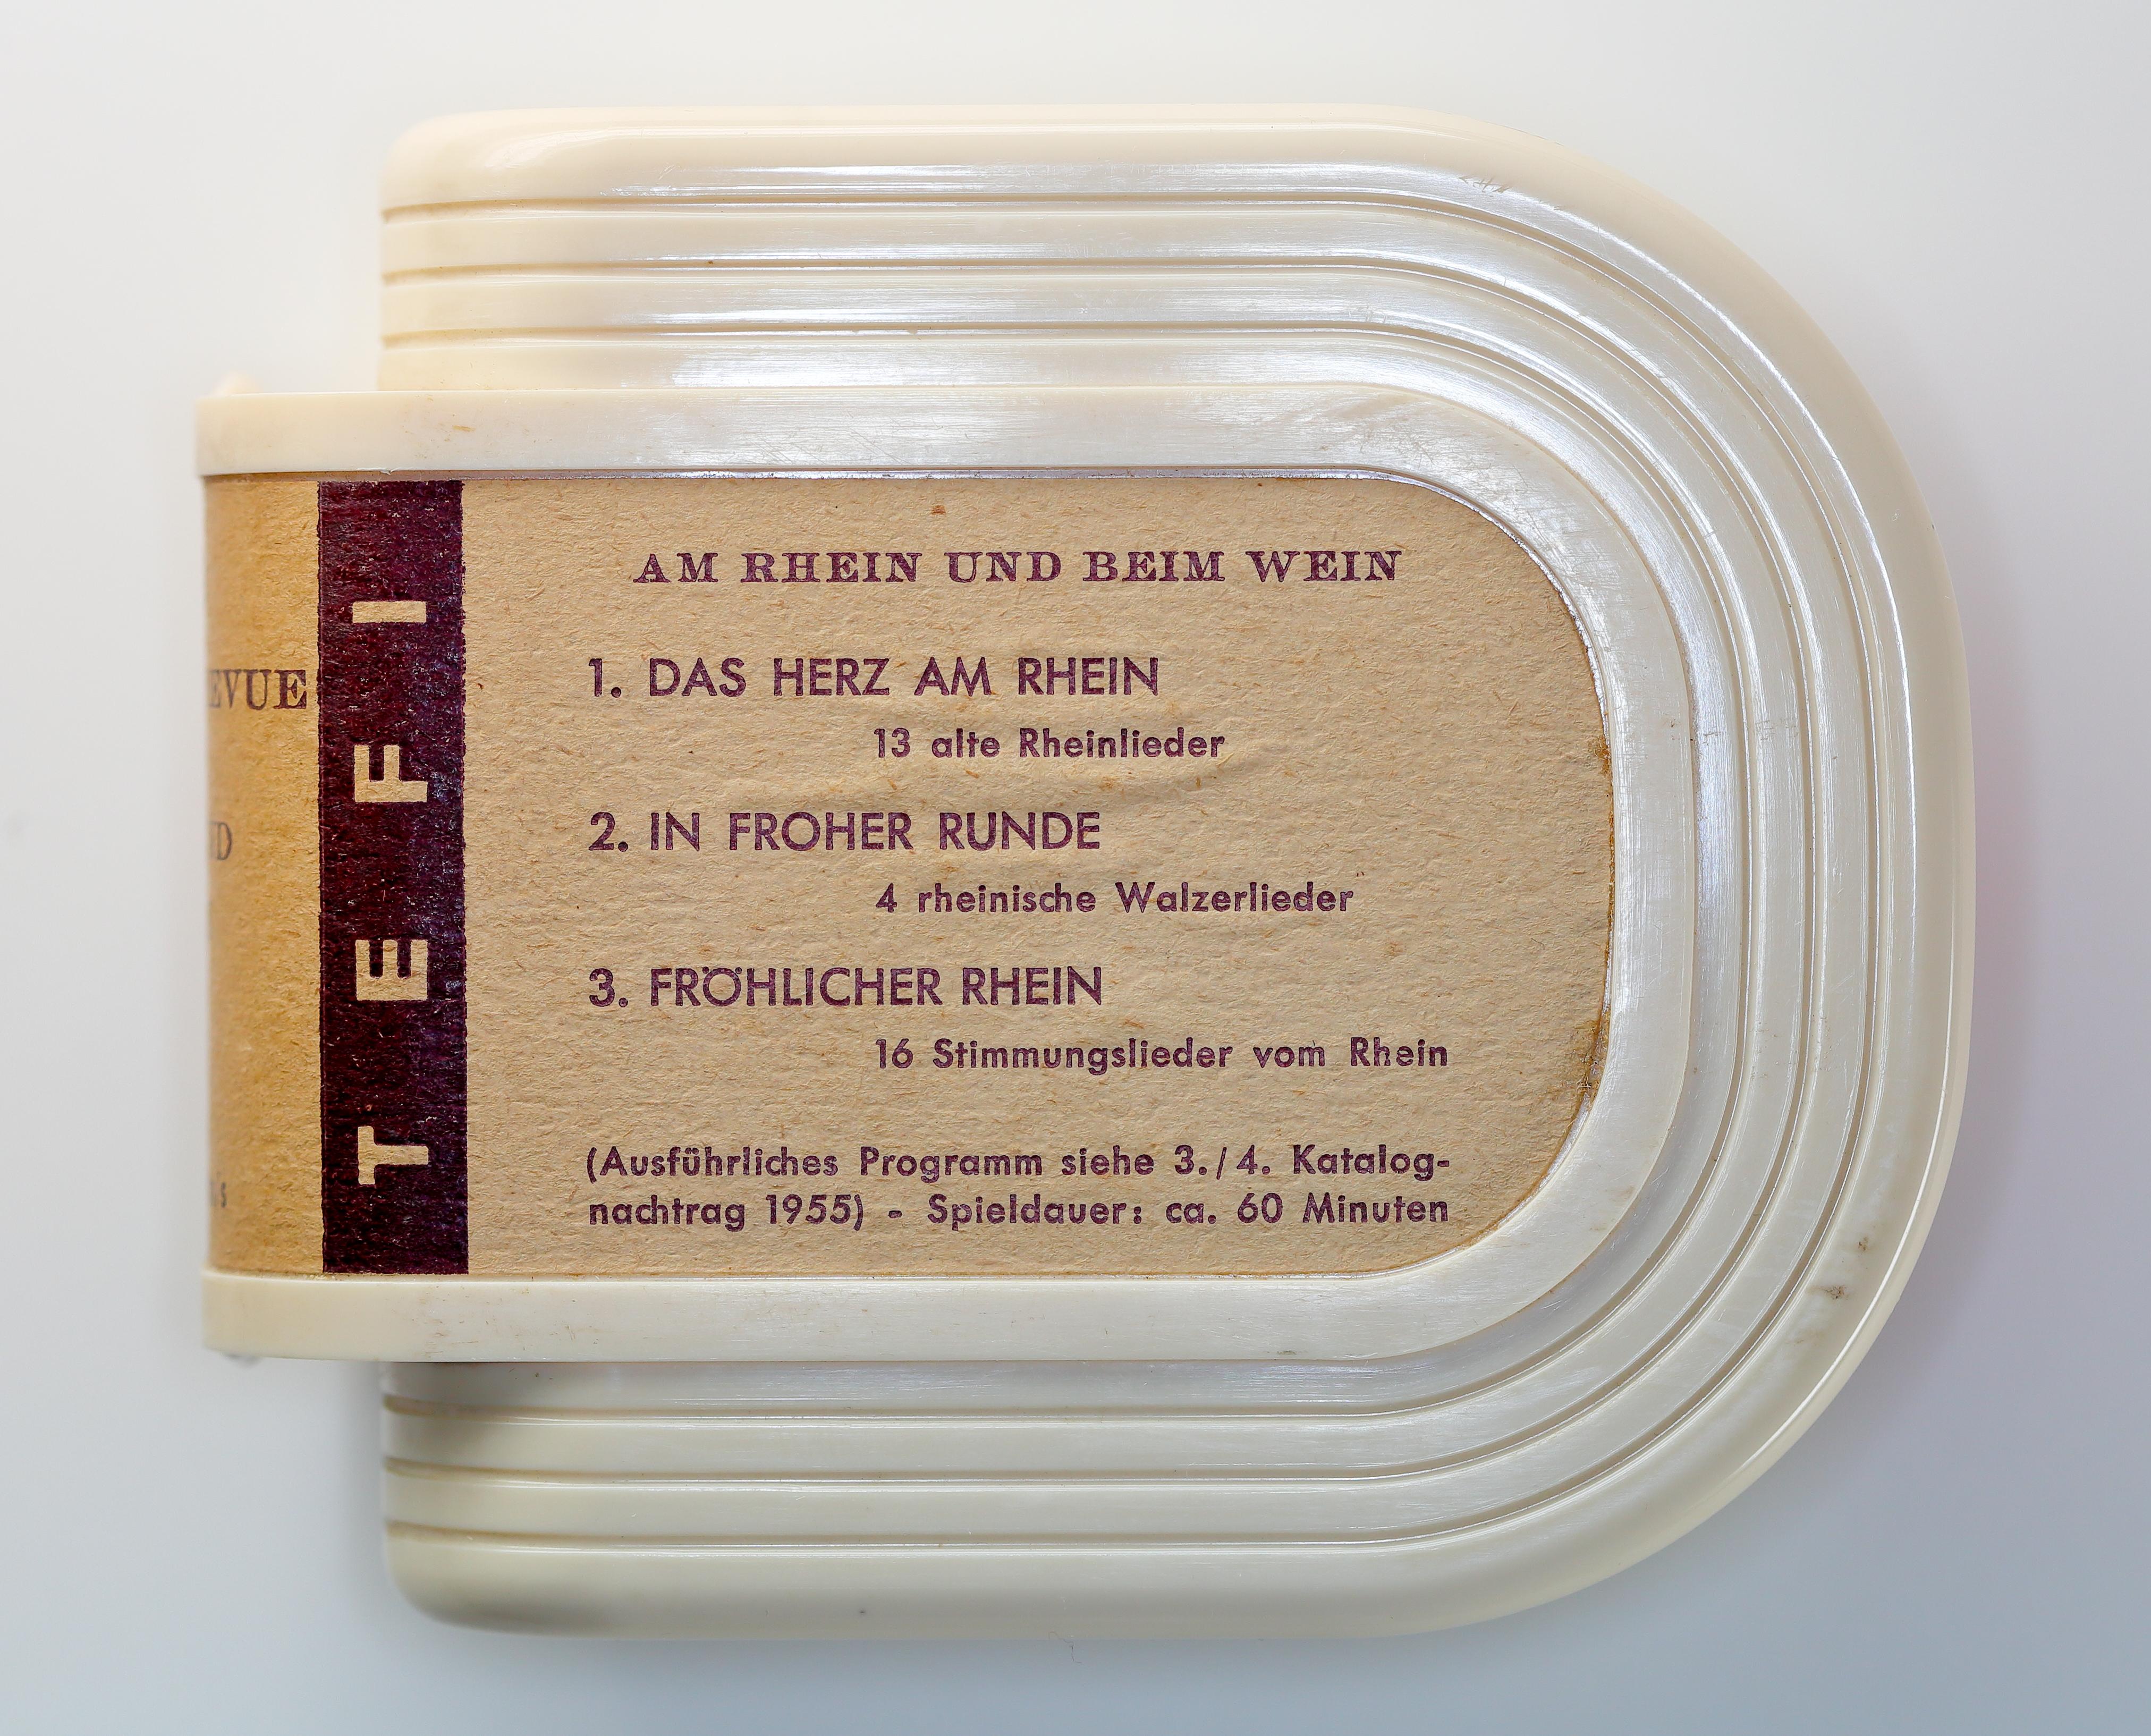 Egy Tefifon-kazetta 1955-ből (fotó: Wikipedia)